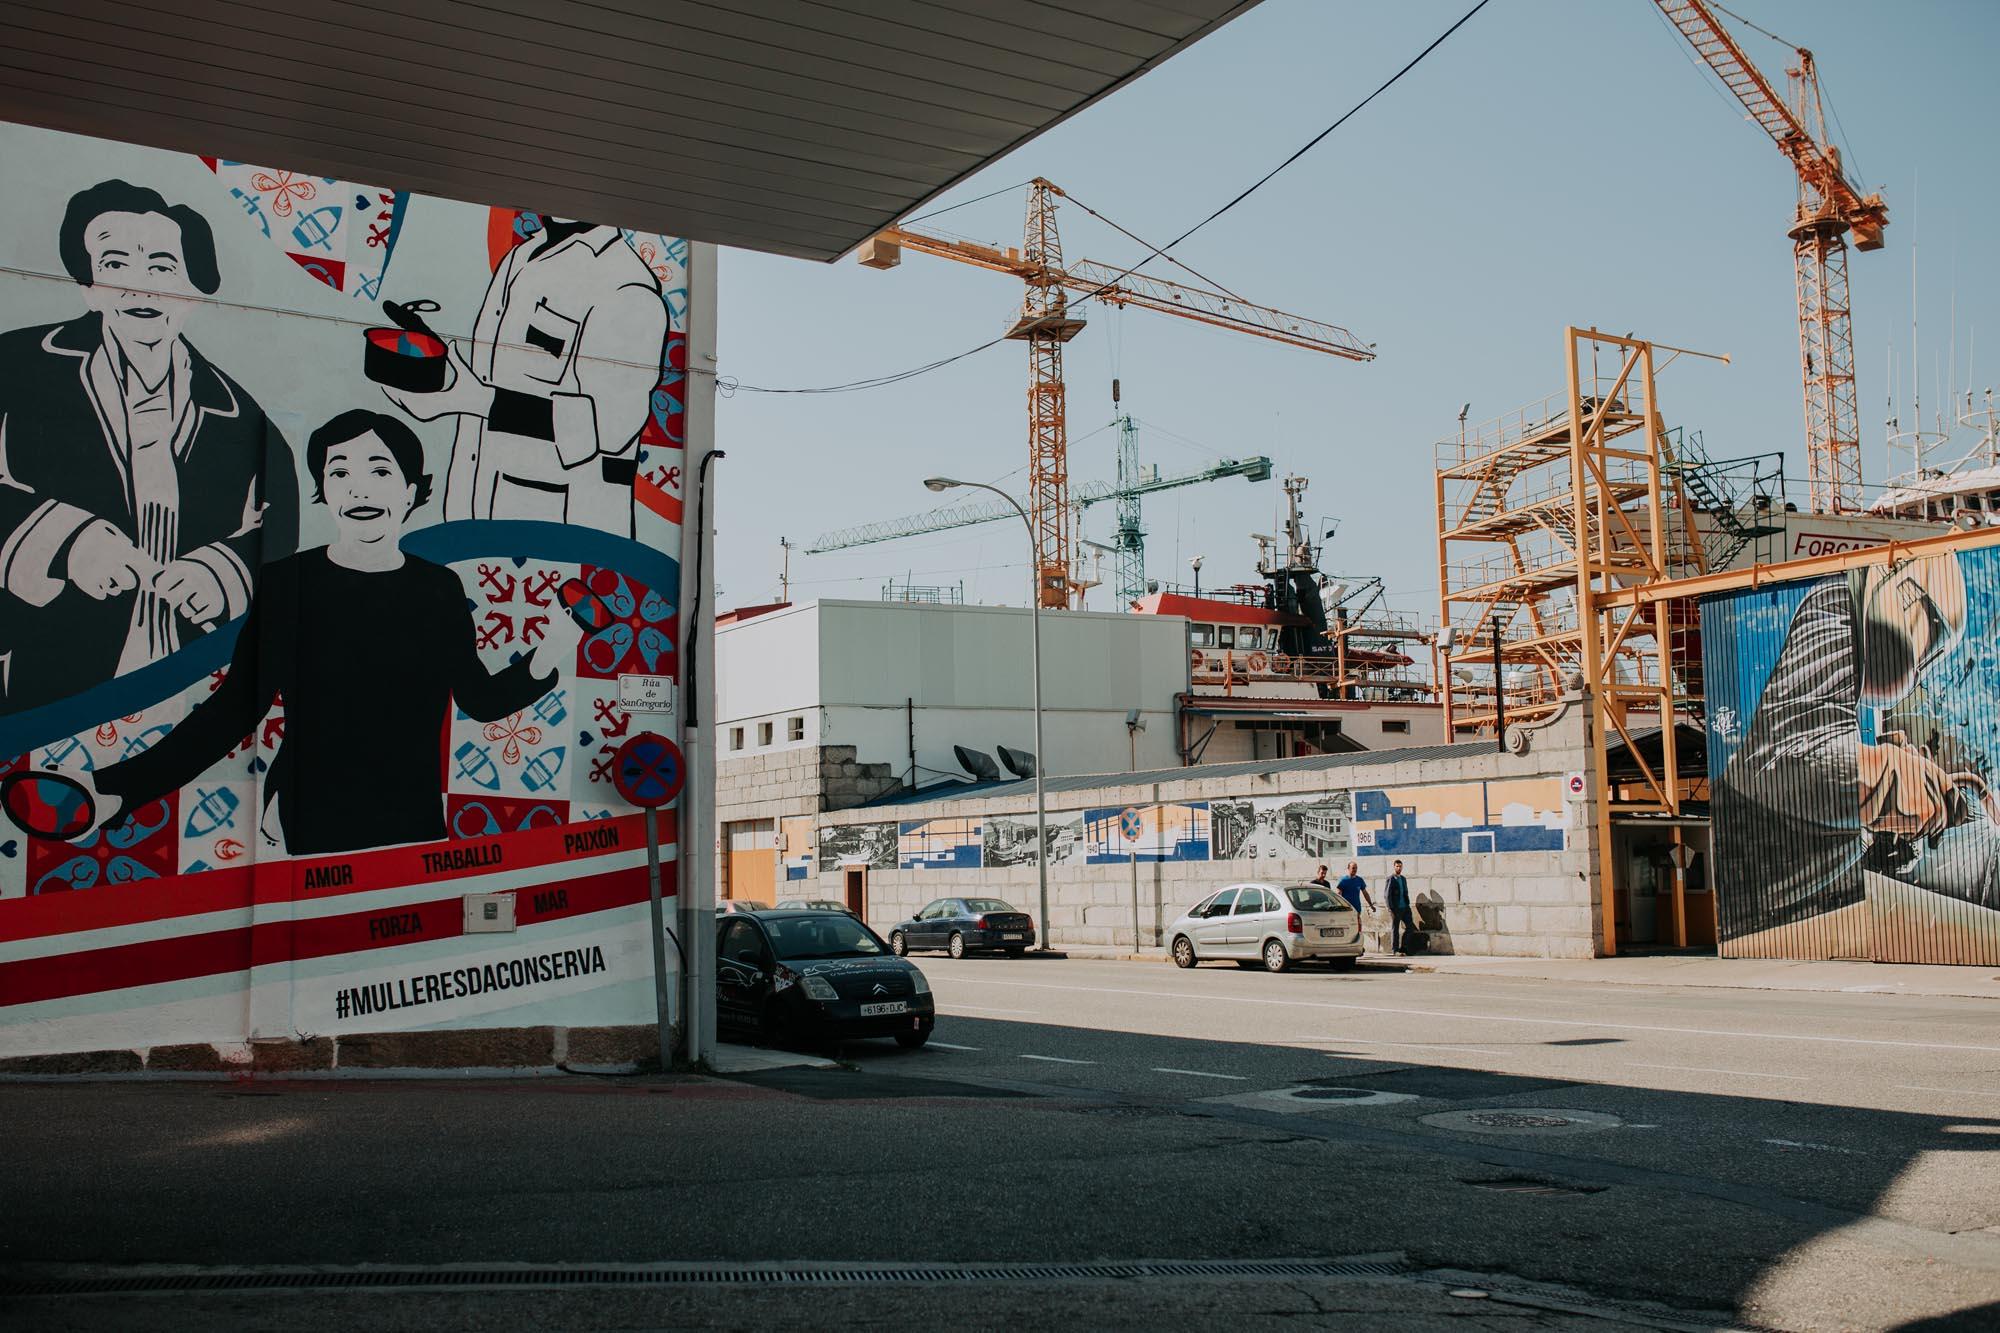 Junto al puerto, vemos los rostros de tres mujeres que dedicaron su vida a la industria conservera.